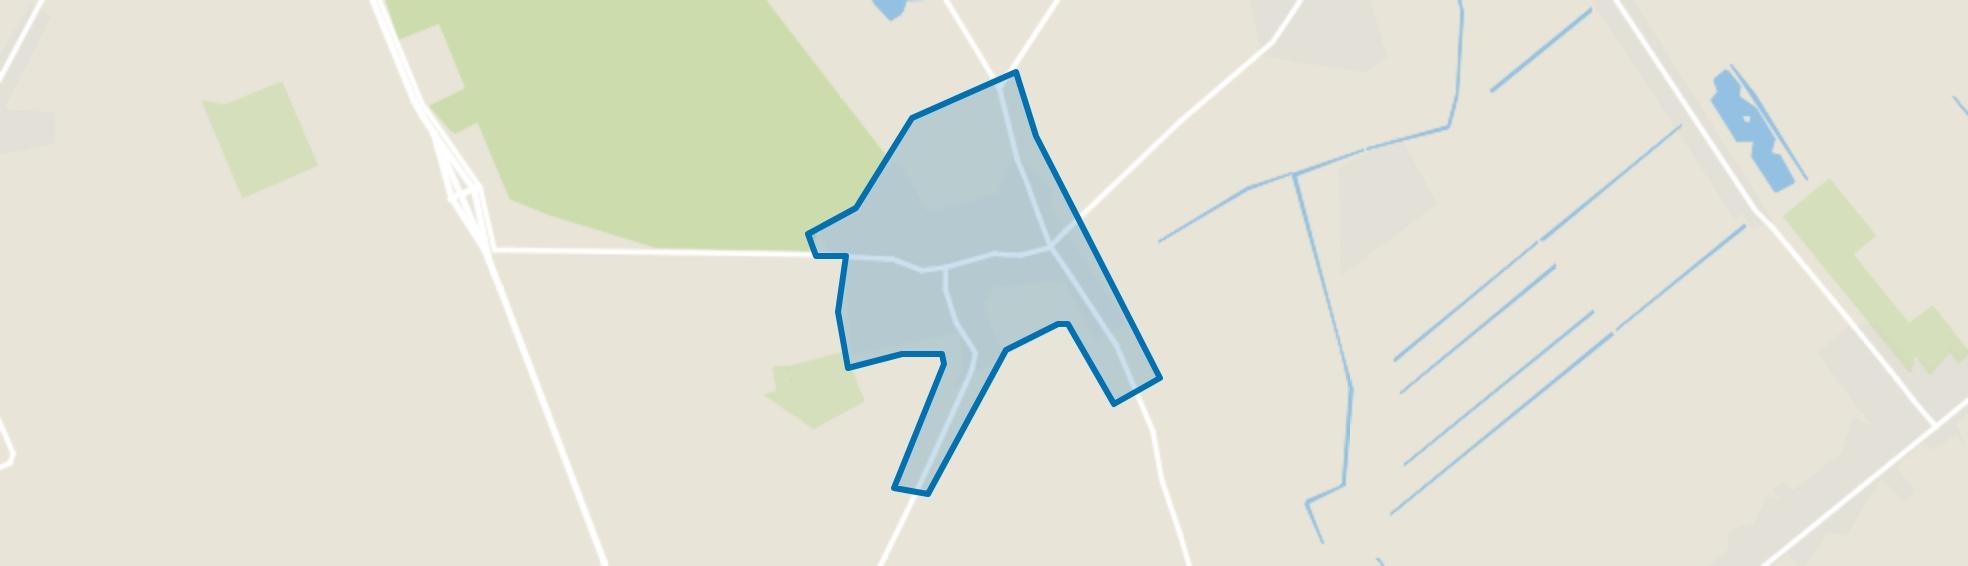 Exloo, Exloo map